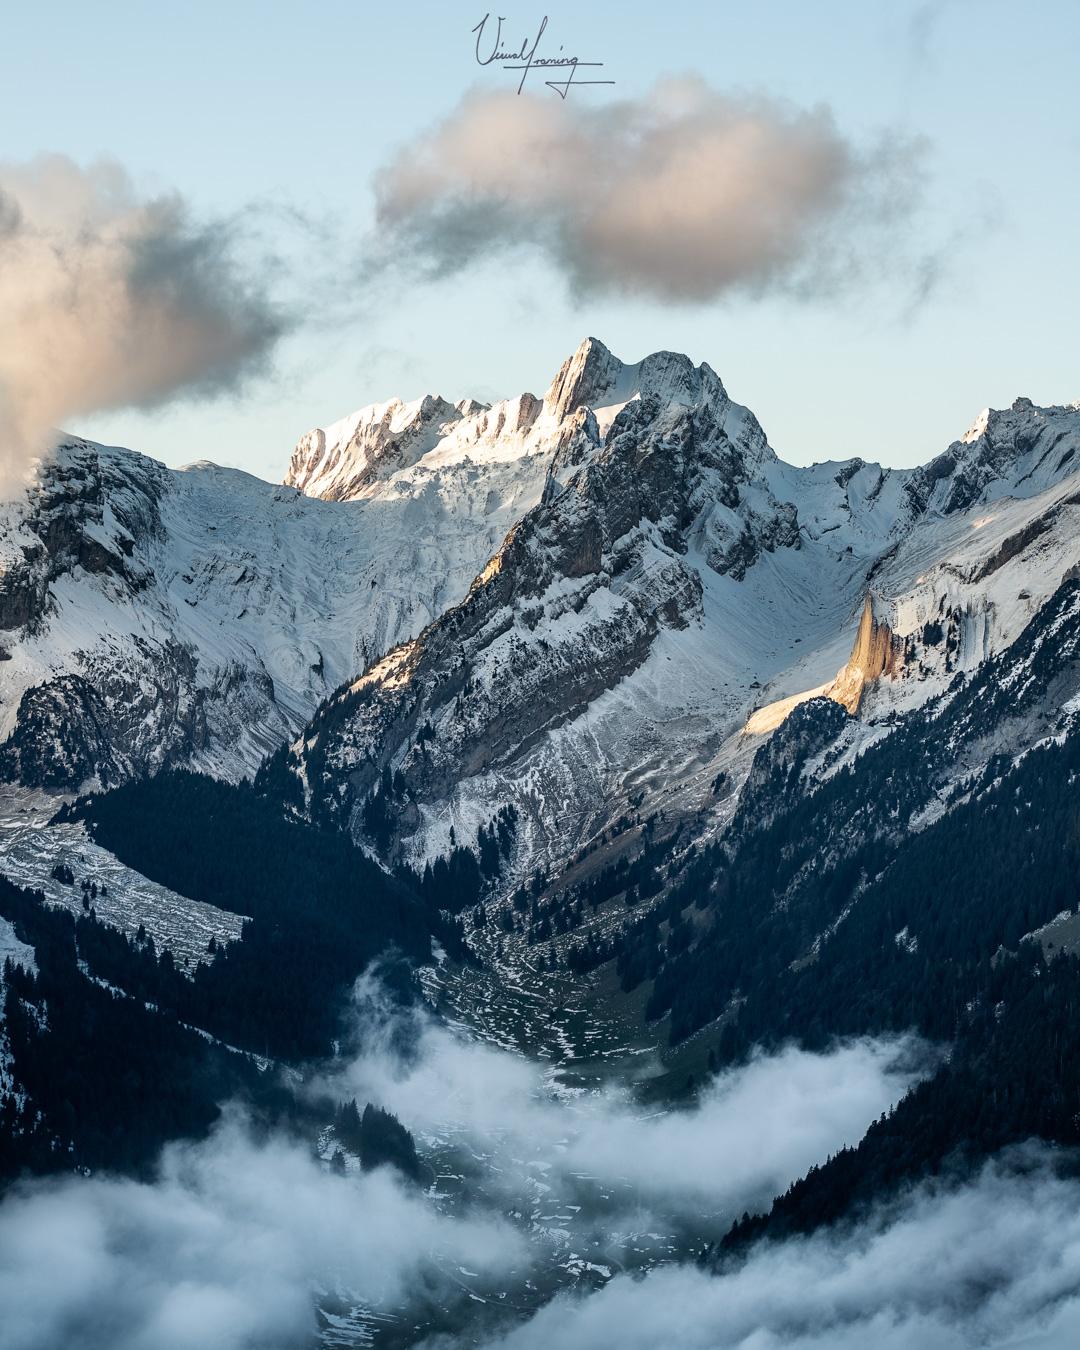 Hoher Kasten View on Altmann, Switzerland